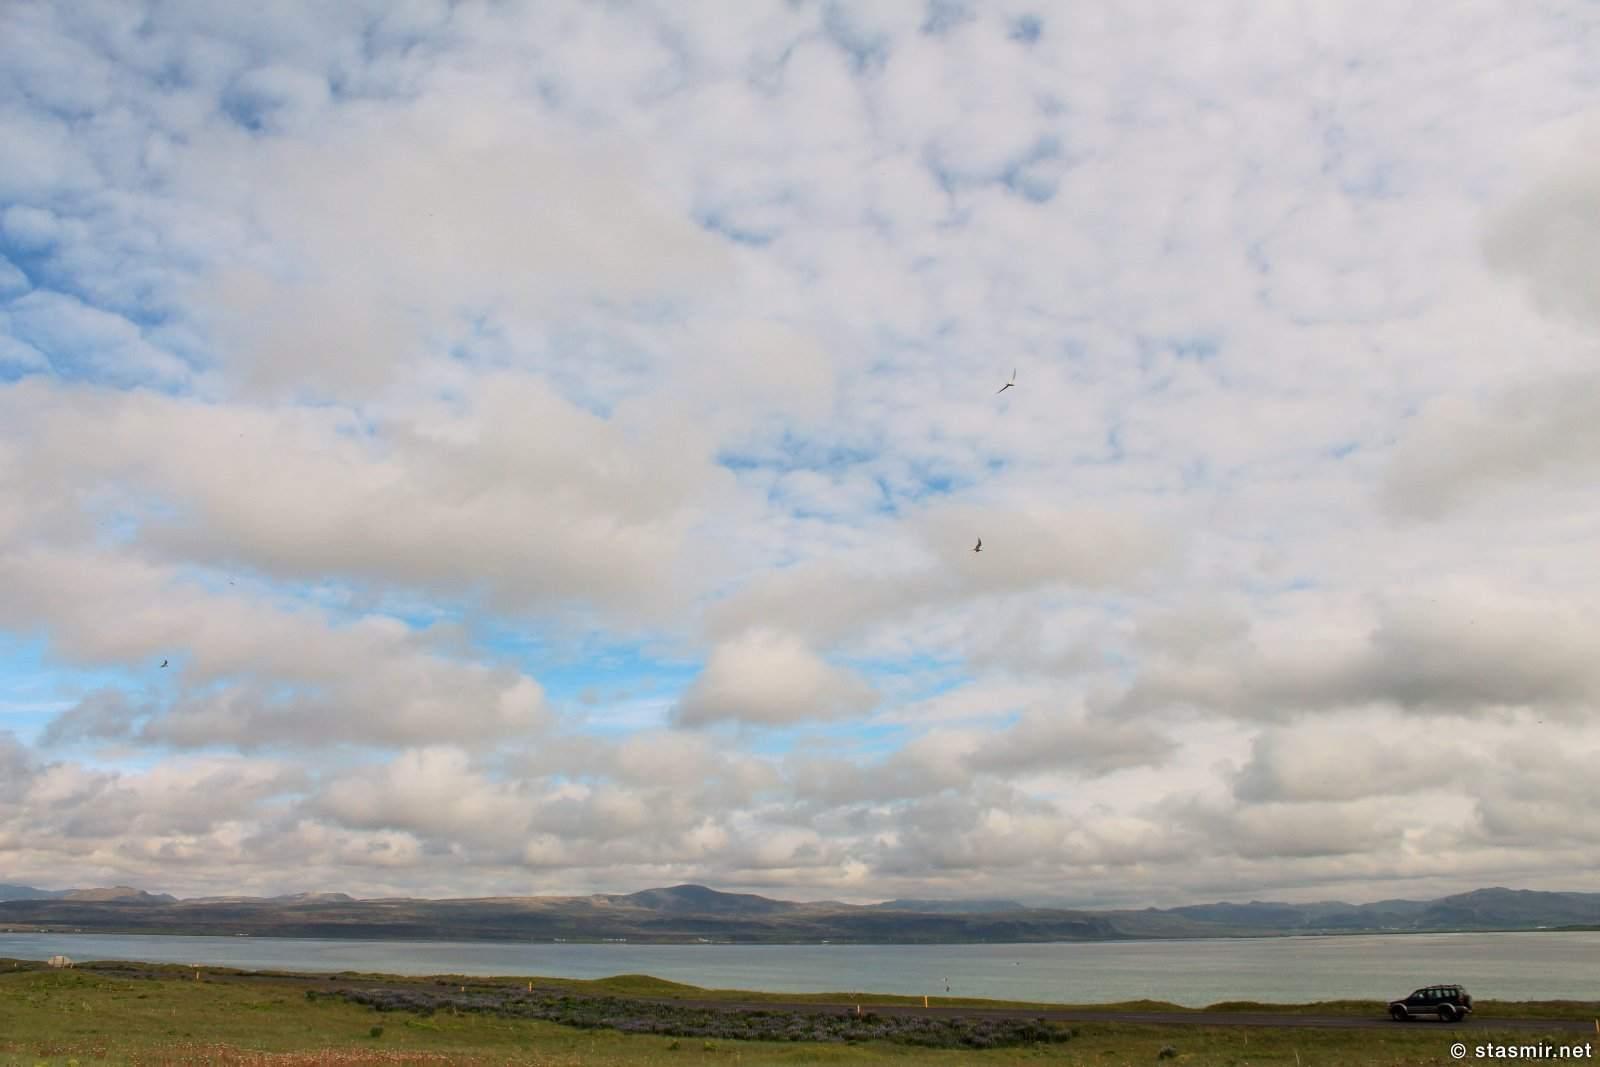 Разлив Белой Реки, Южный Берег, Исландия